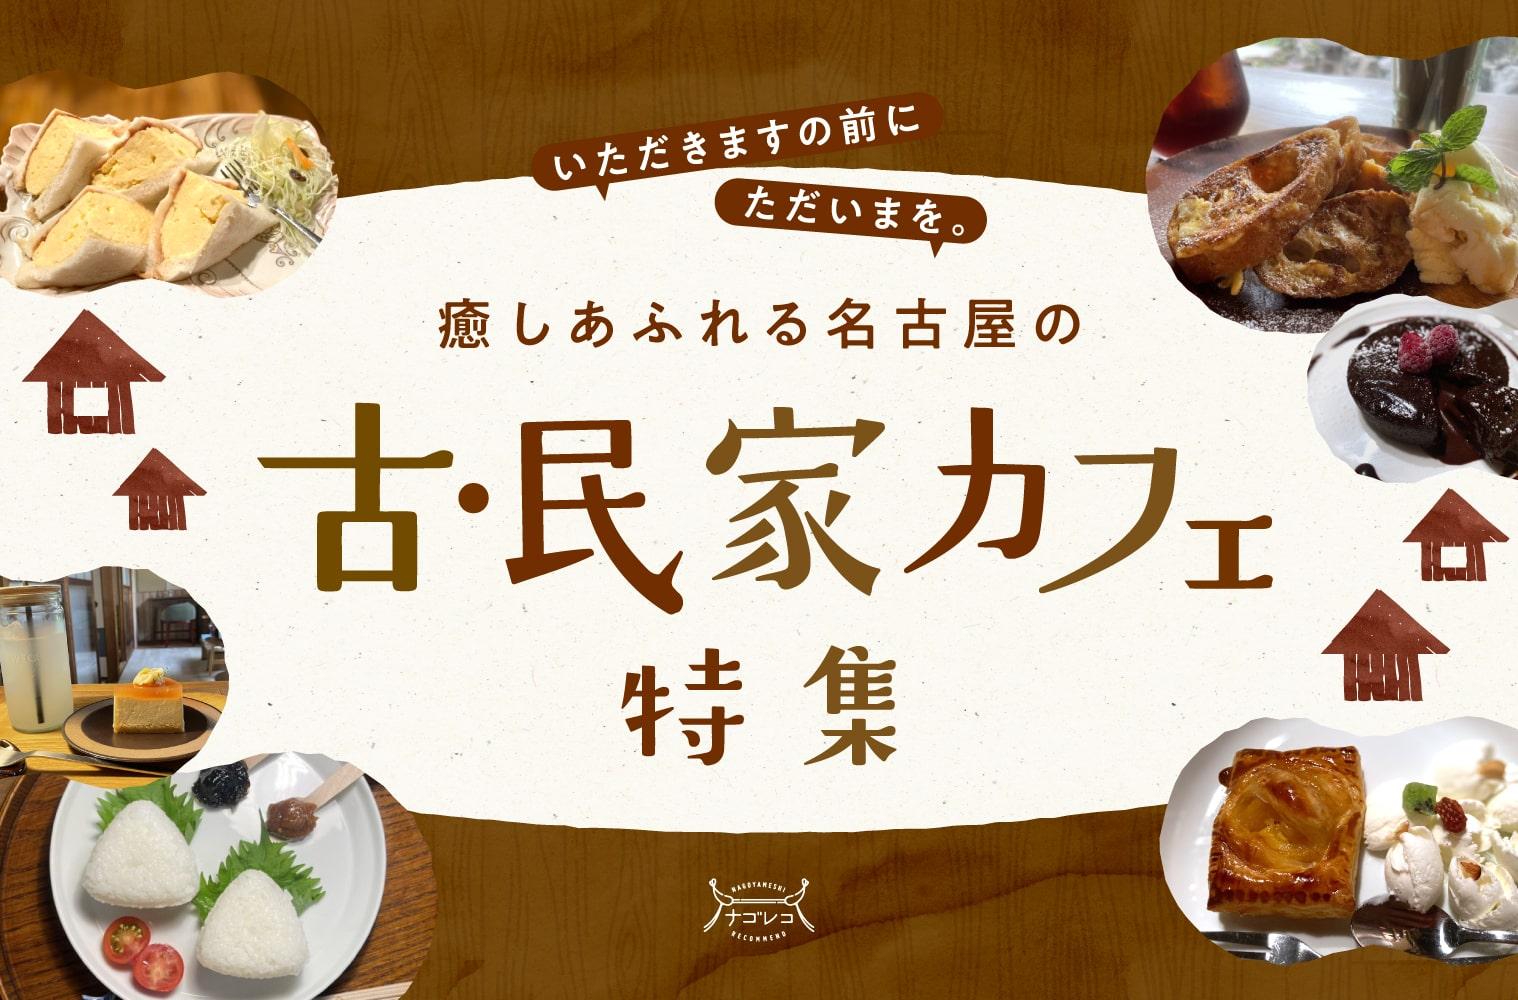 まとめ|いただきますの前にただいまを。癒しあふれる名古屋の古・民家カフェ特集